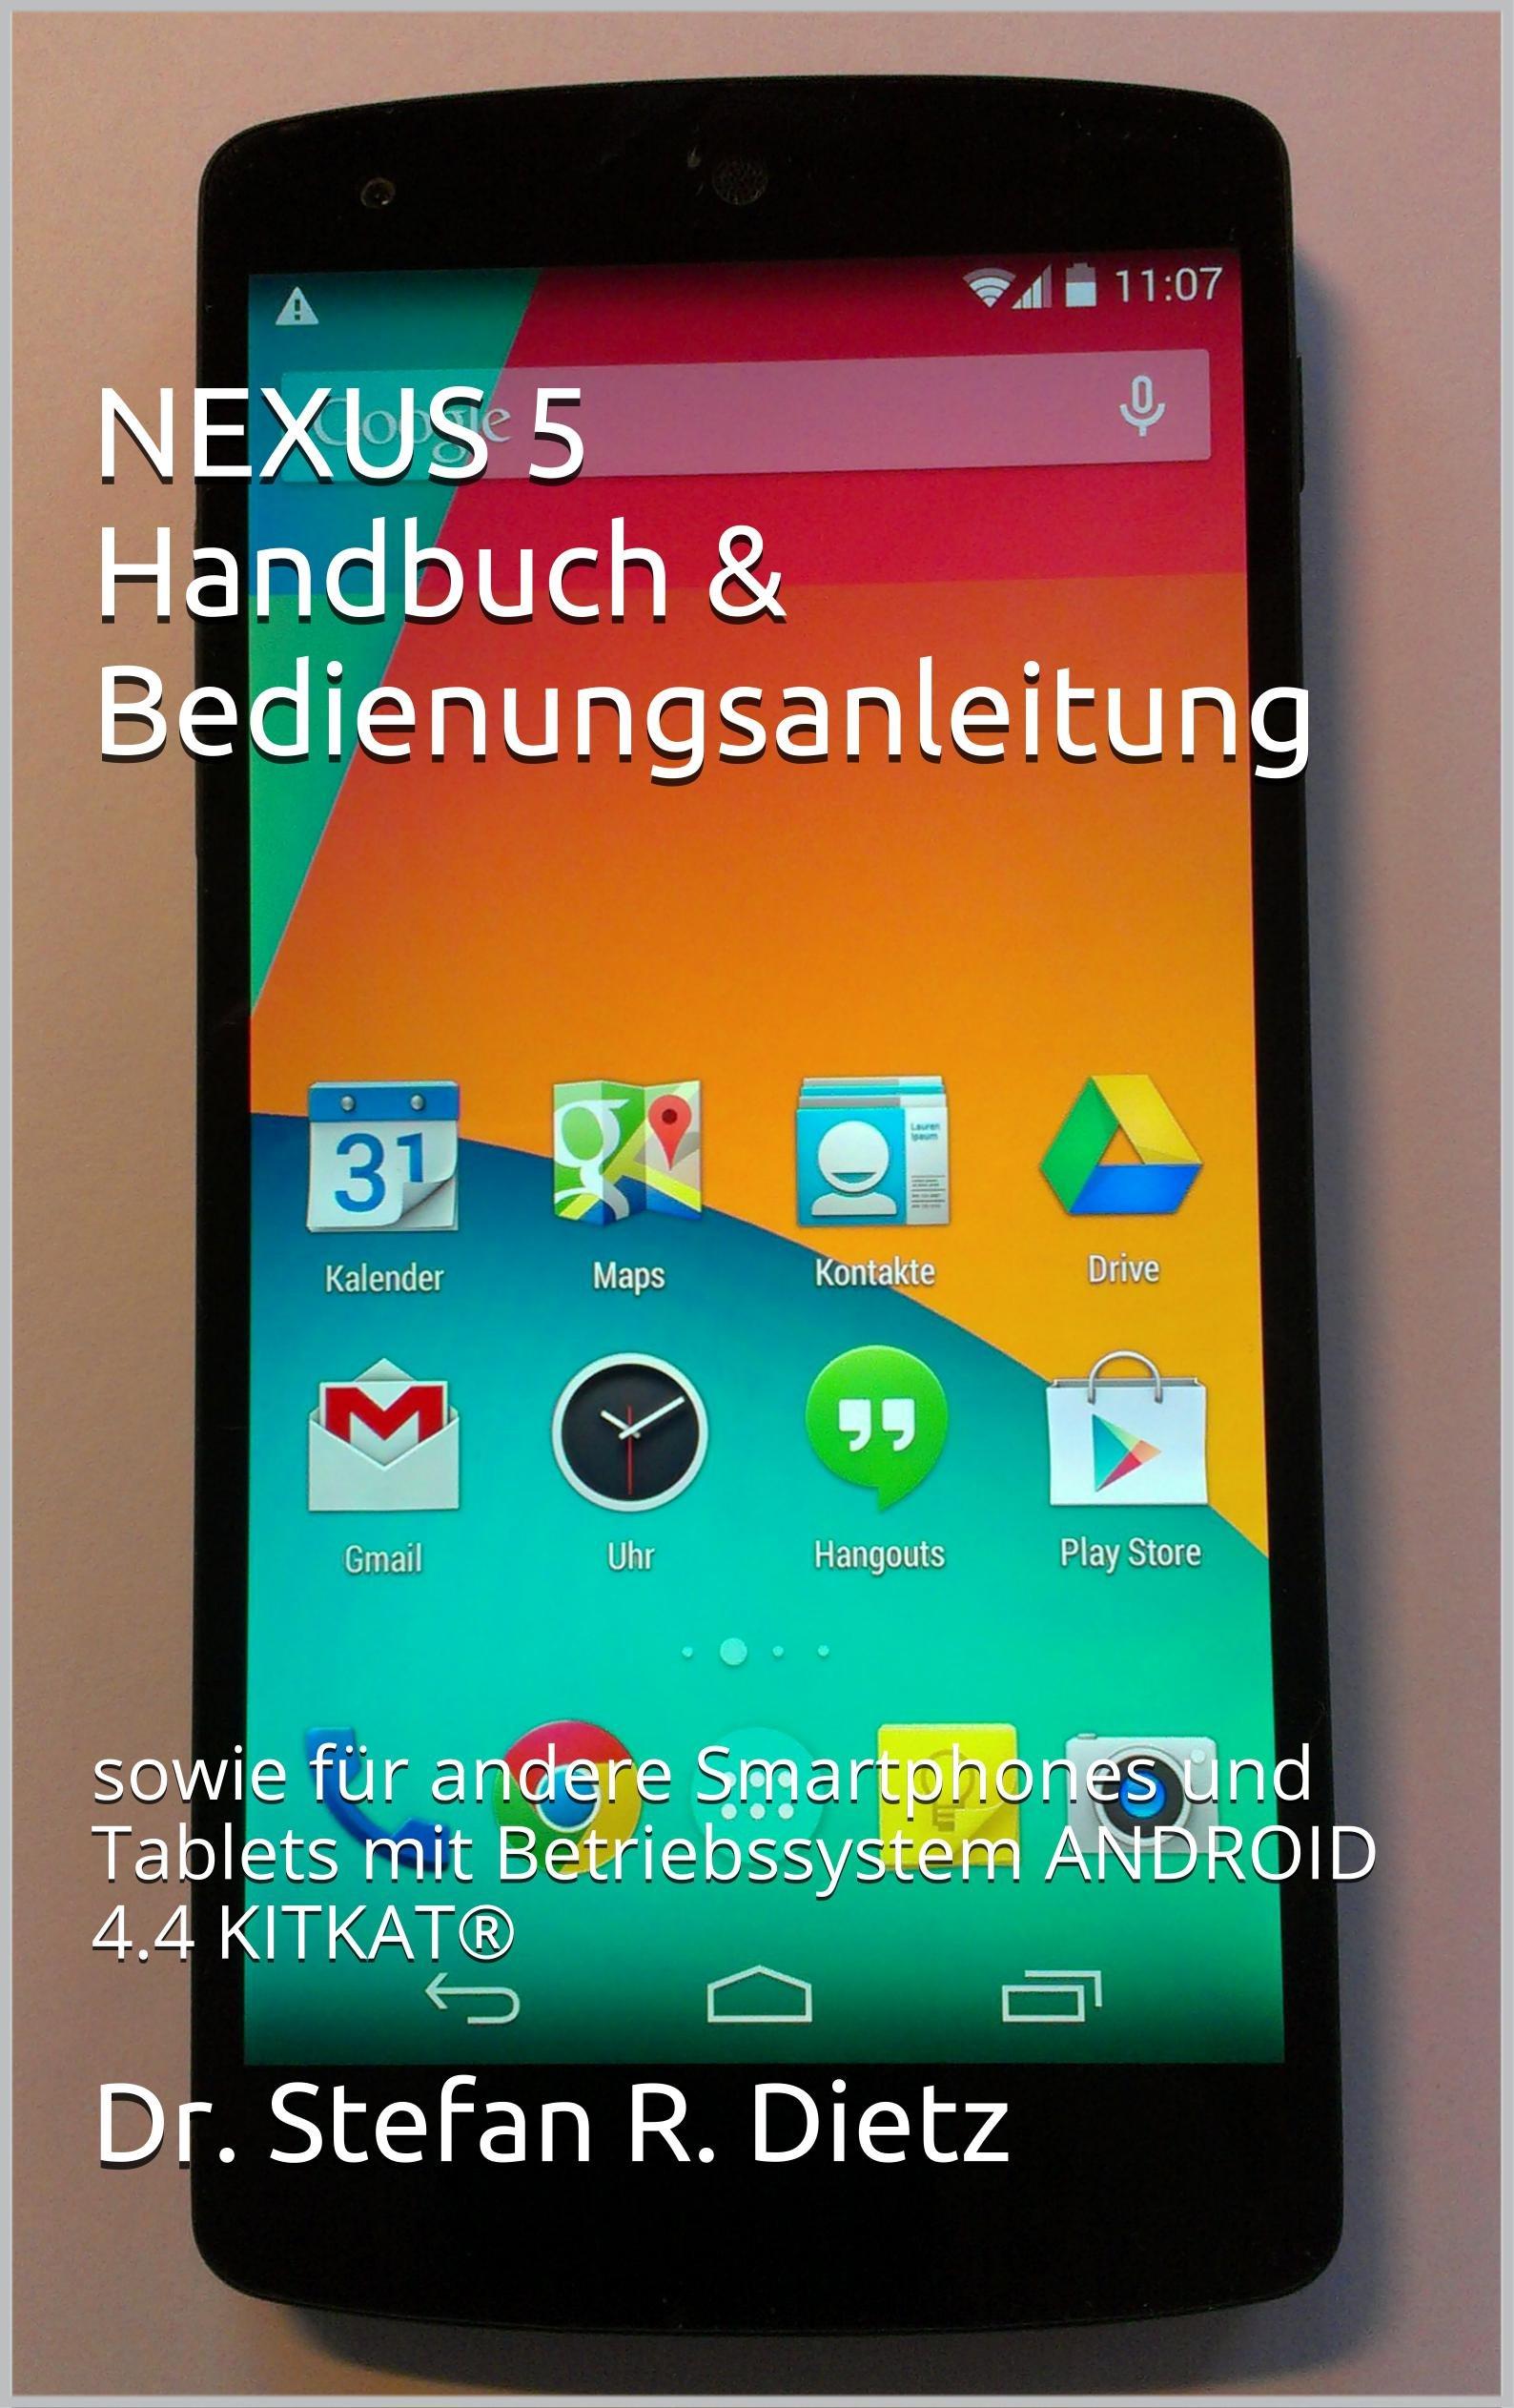 NEXUS Handbuch Bedienungsanleitung Smartphones Betriebssystem ebook